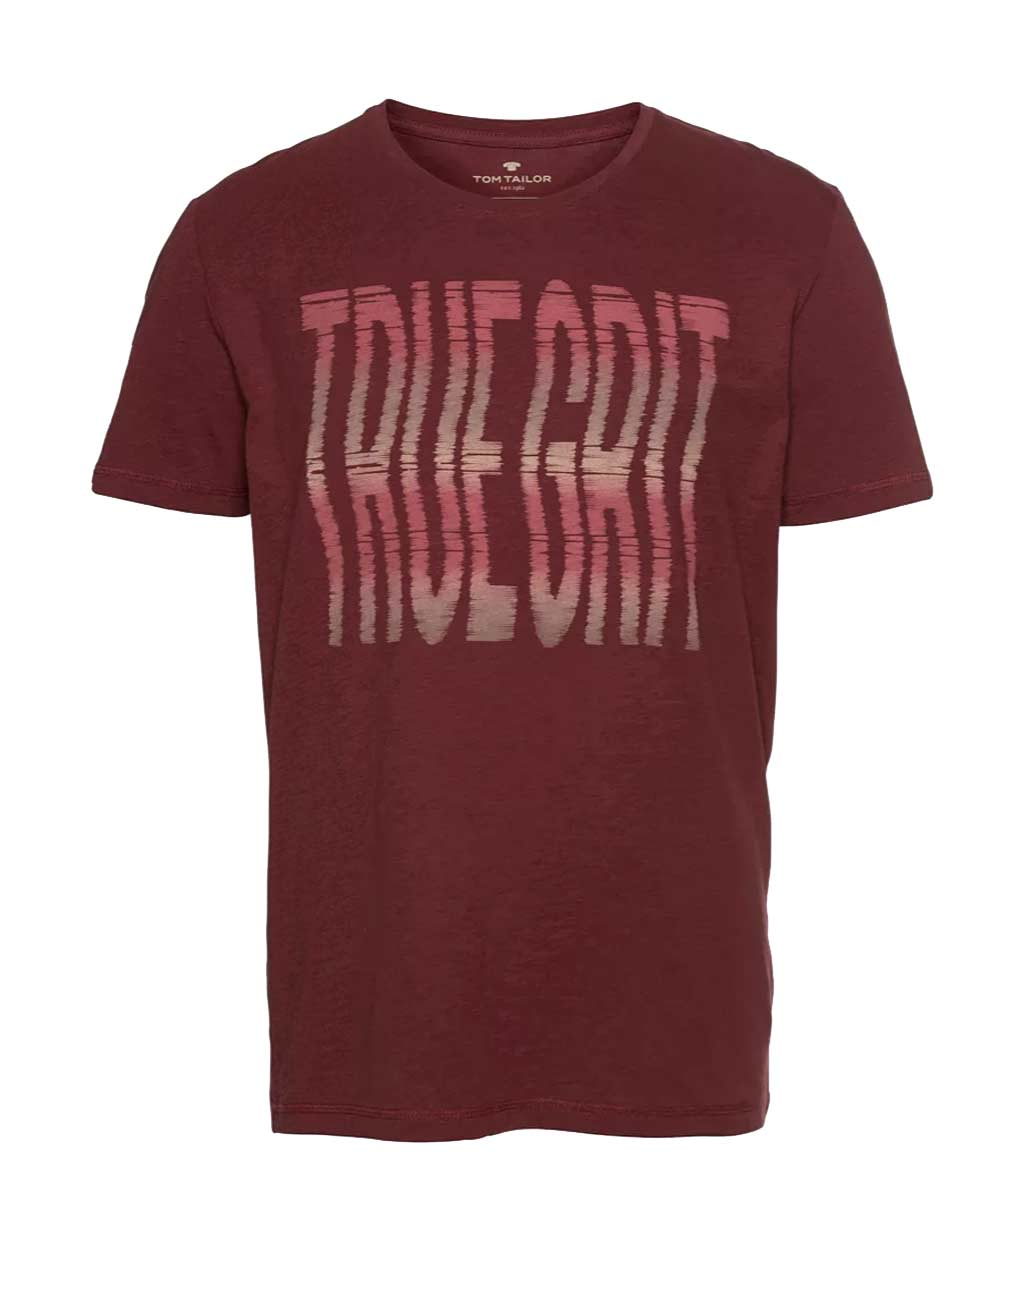 330.872 Herren-Shirt, dunkelrot von Tom Tailor Grösse M